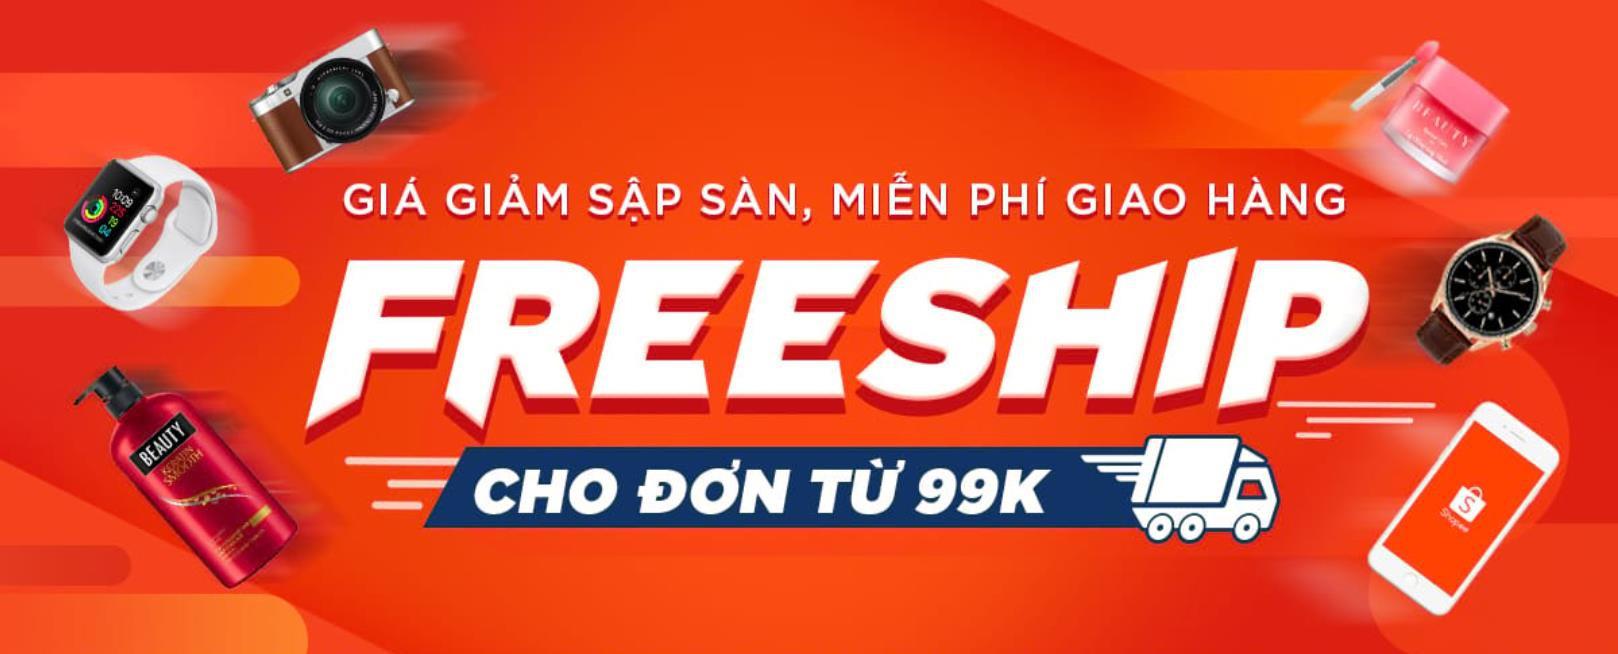 """Freeship cho mọi đơn hàng từ 50K: Shopee chơi """"sốc"""" vậy ai chơi lại? - Ảnh 3."""